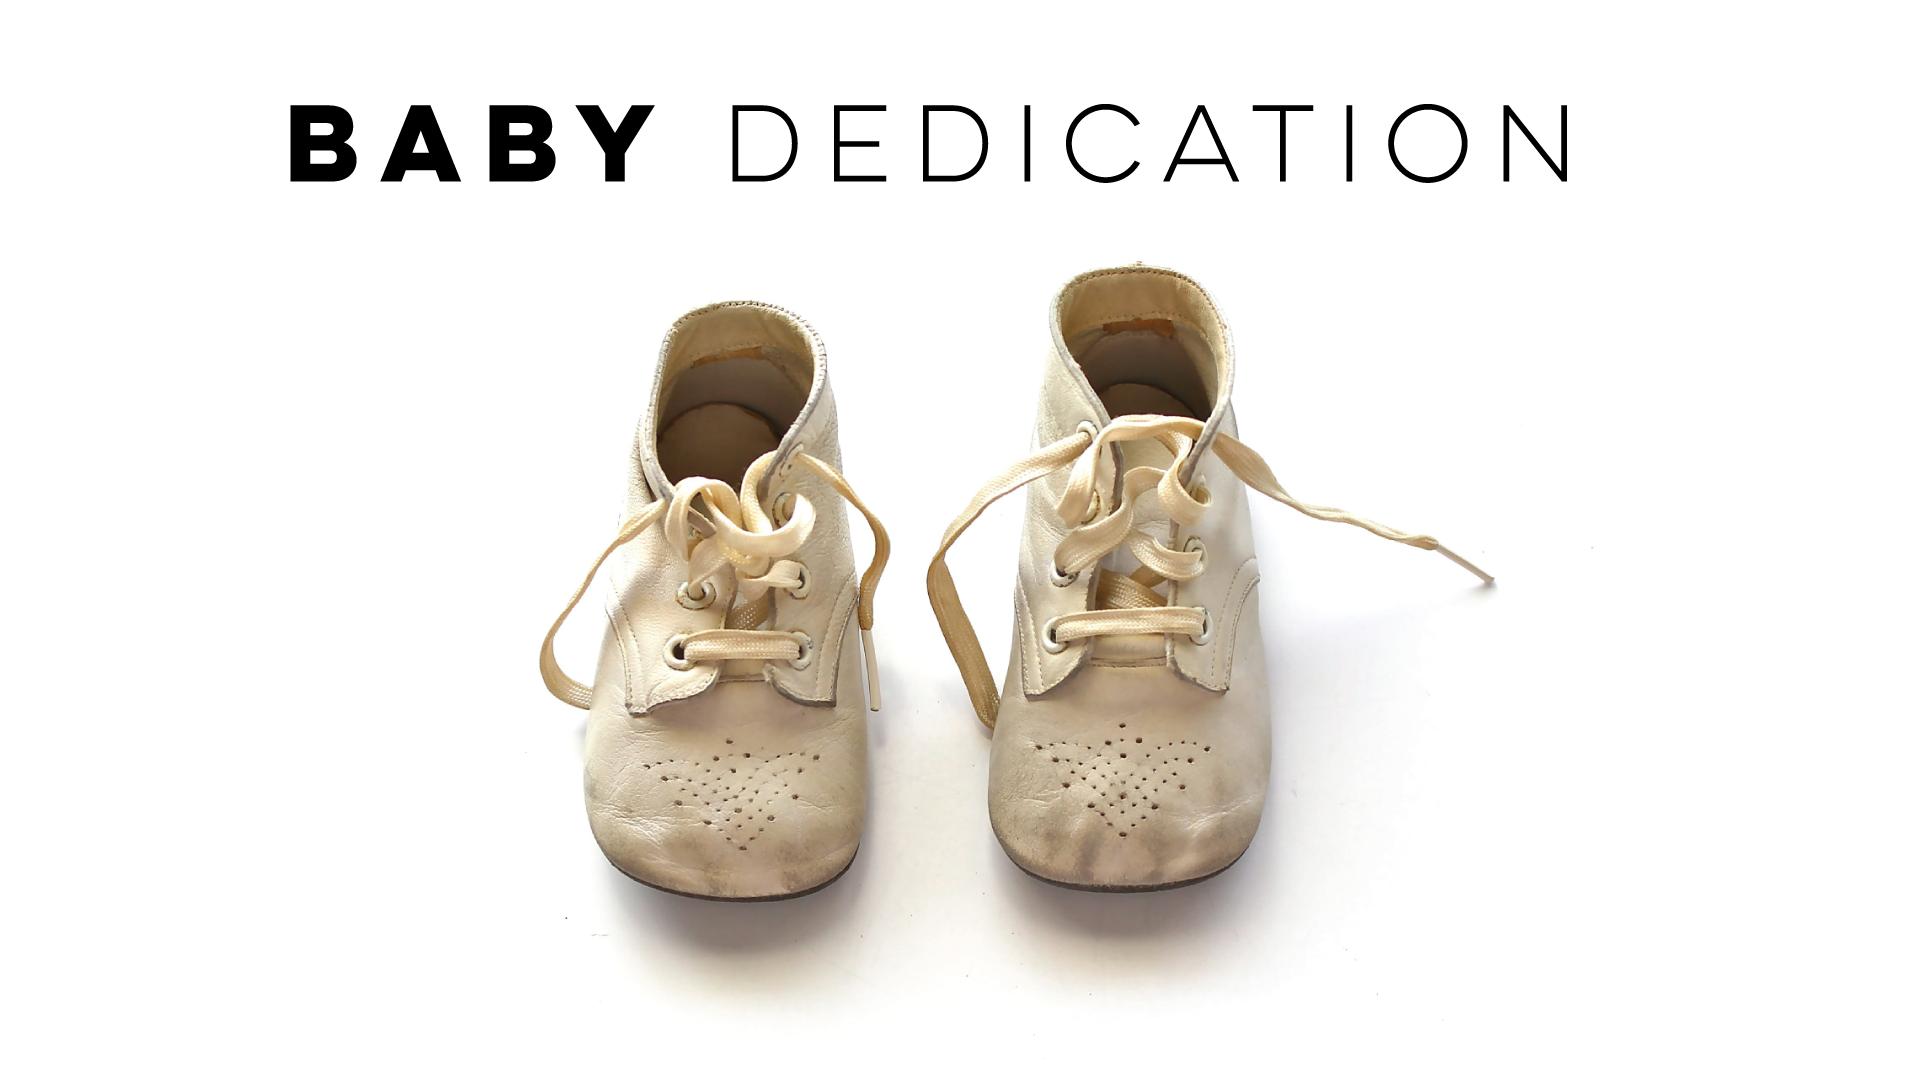 Baby dedication 2016